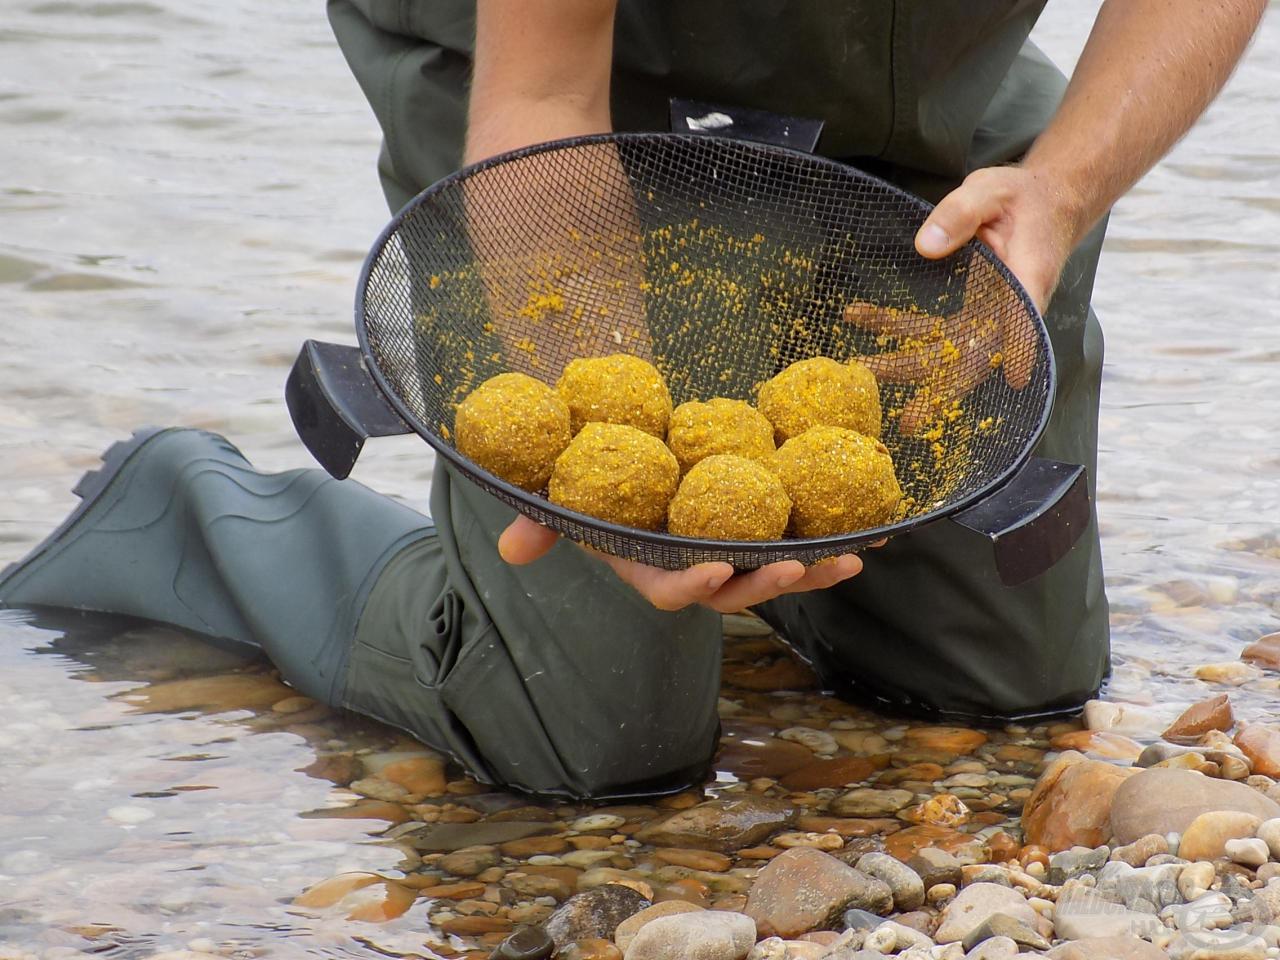 Folyókon, nagy halakra számítva kemény és tartalmas gombócokat gyúrjunk